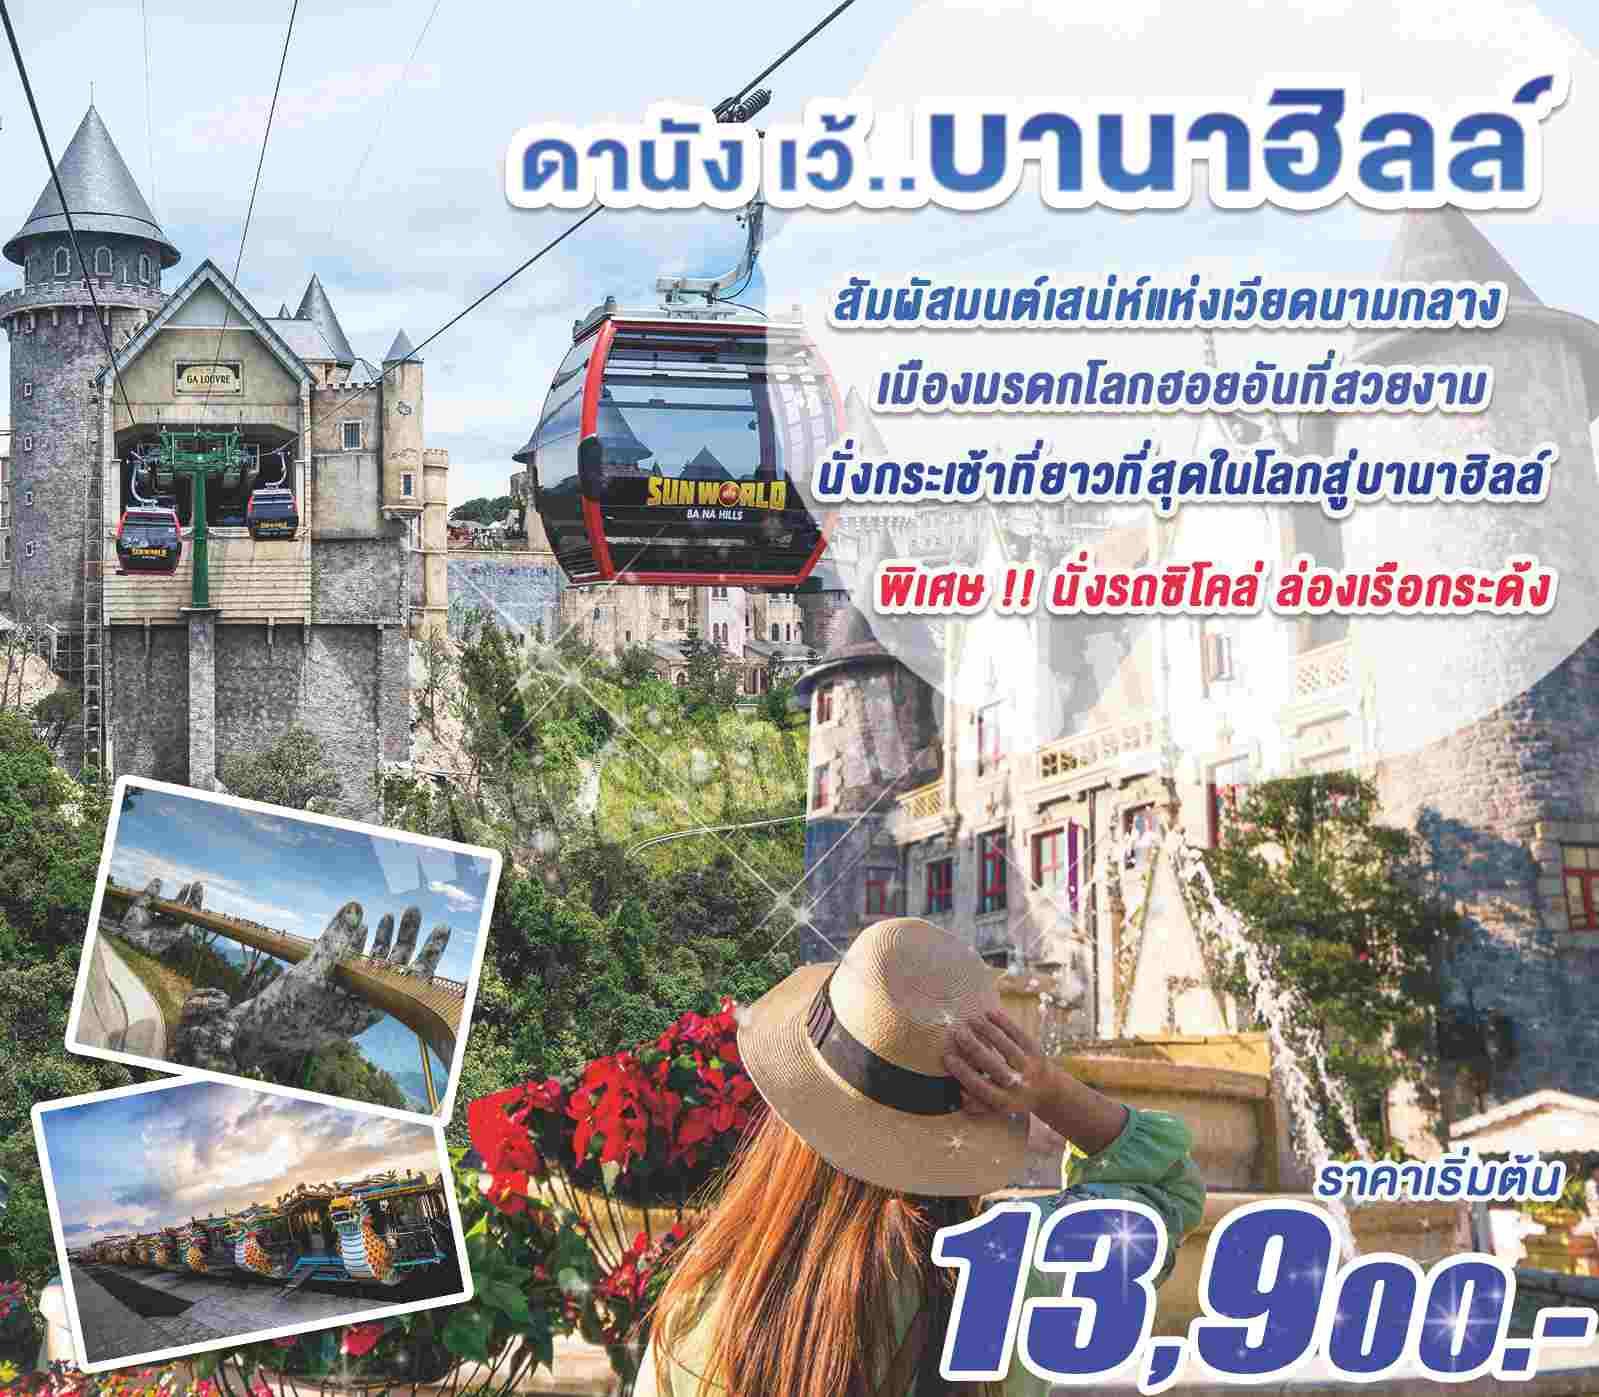 ทัวร์เวียดนามกลาง เว้ ดานัง บานาฮิลล์ สะพานGolden Bridge นั่งรถซิโคล่ ล่องเรือกระด้ง 4 วัน 3 คืน โดยสายการบิน Thai Air Asia (FD)